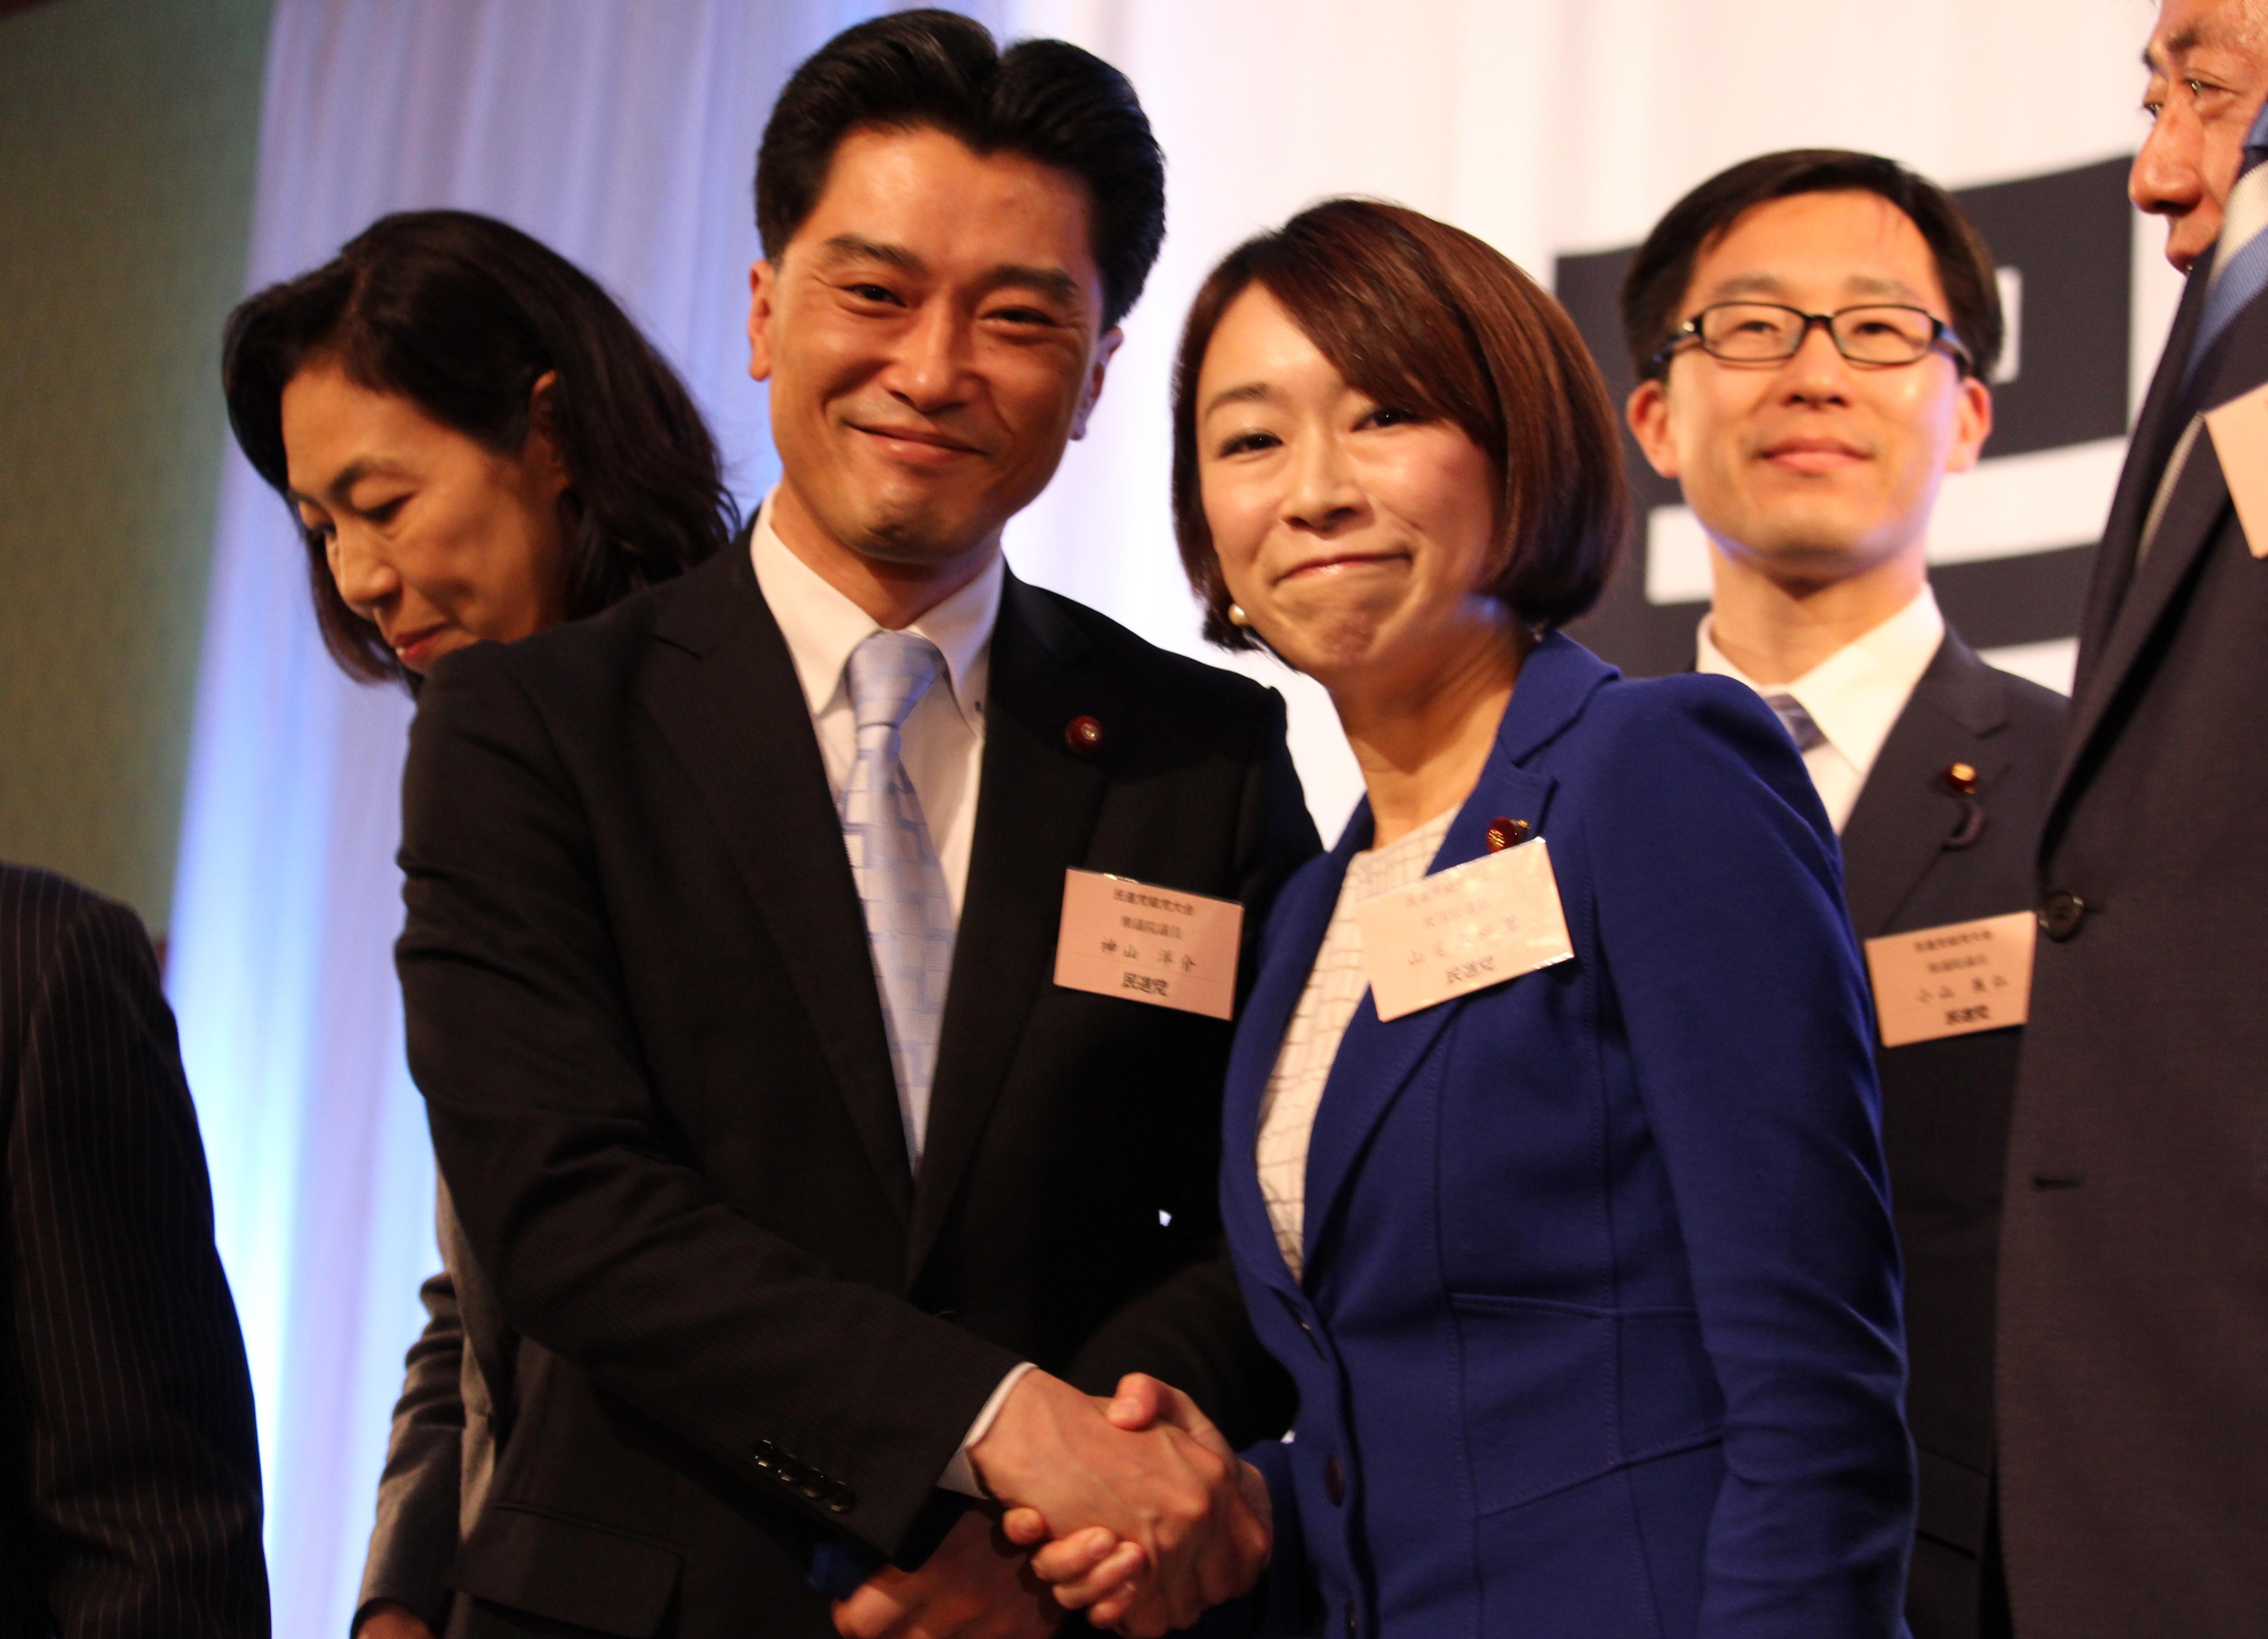 20160327-21民進党結党大会002